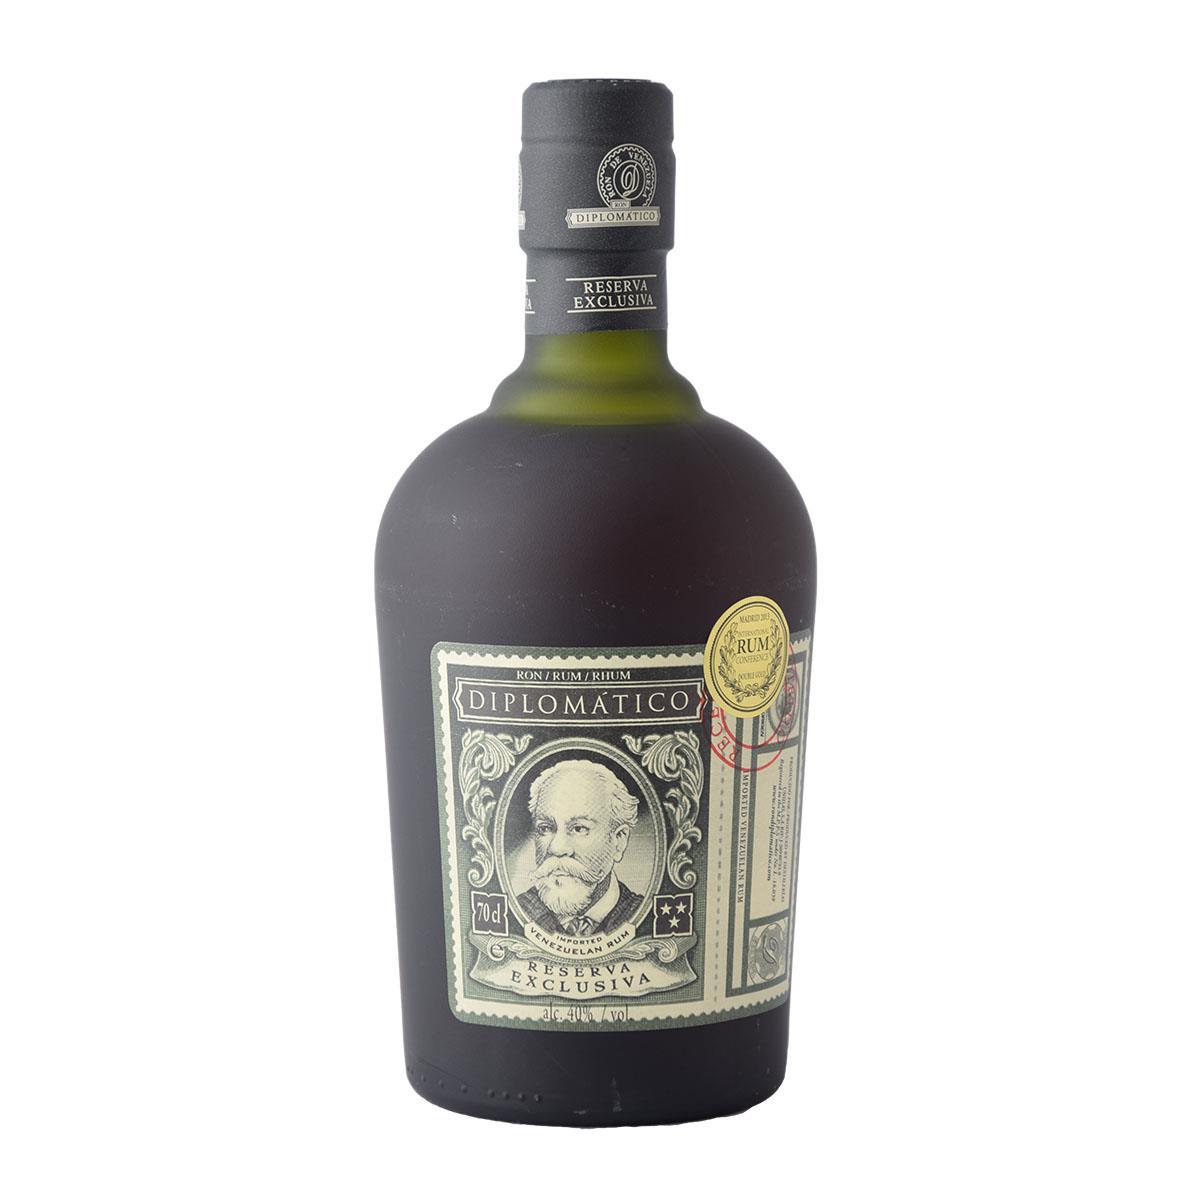 Diplomatico Reserva Exclusiva Rum 50ml